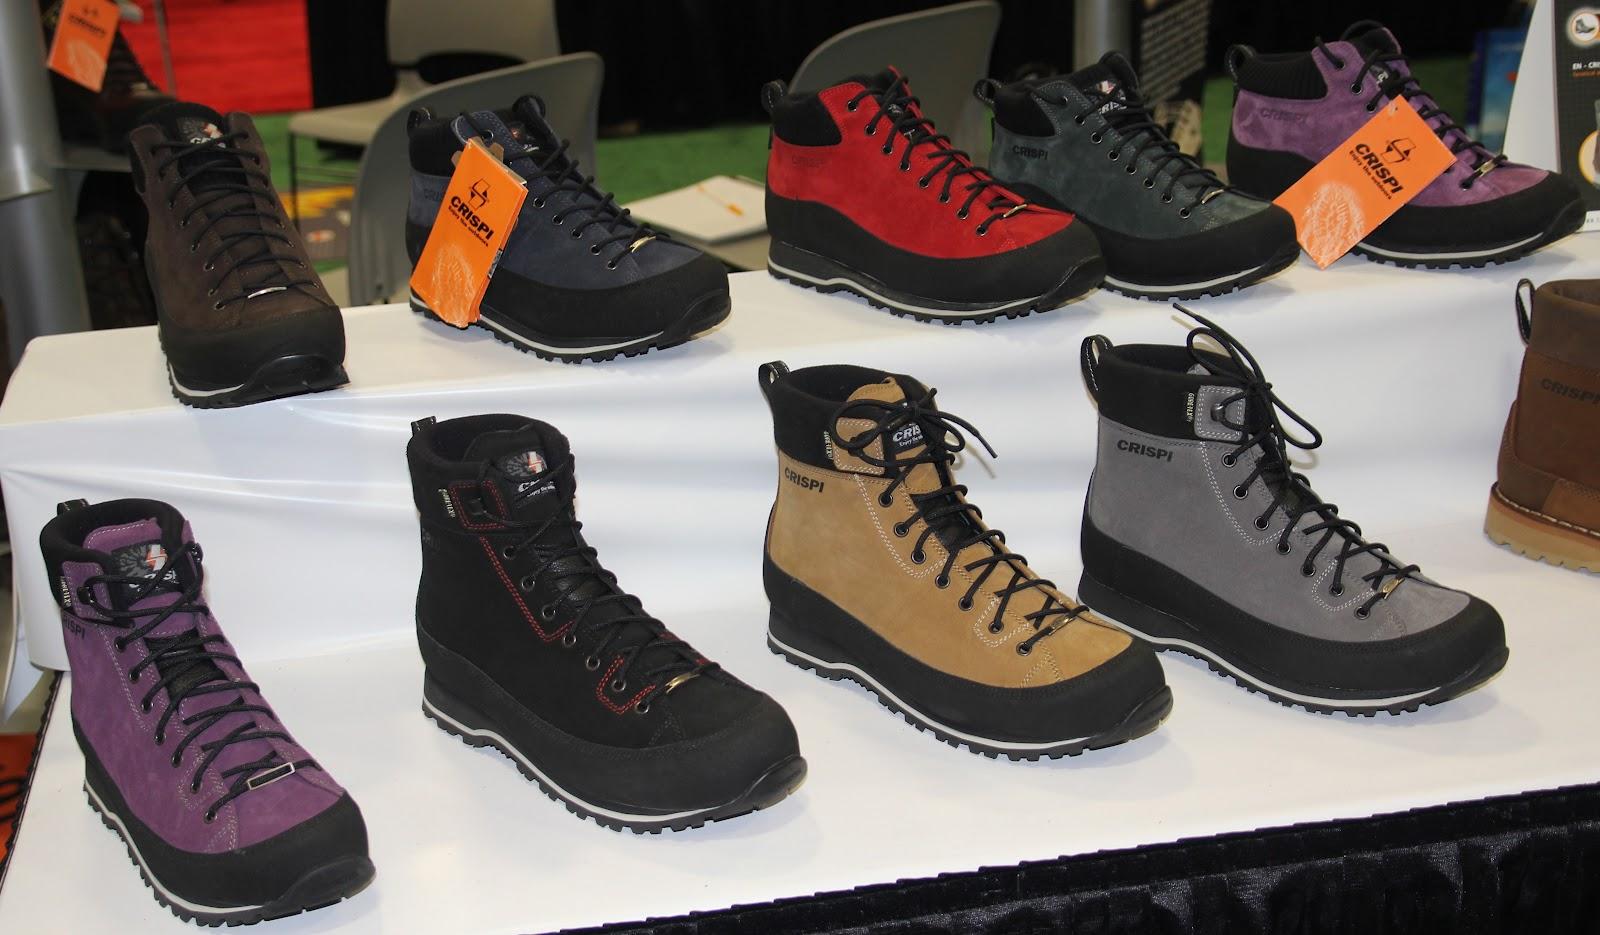 new products 5e2c5 ef5de Leeds Lady-Lilla, Black, Carmel, Ash colors